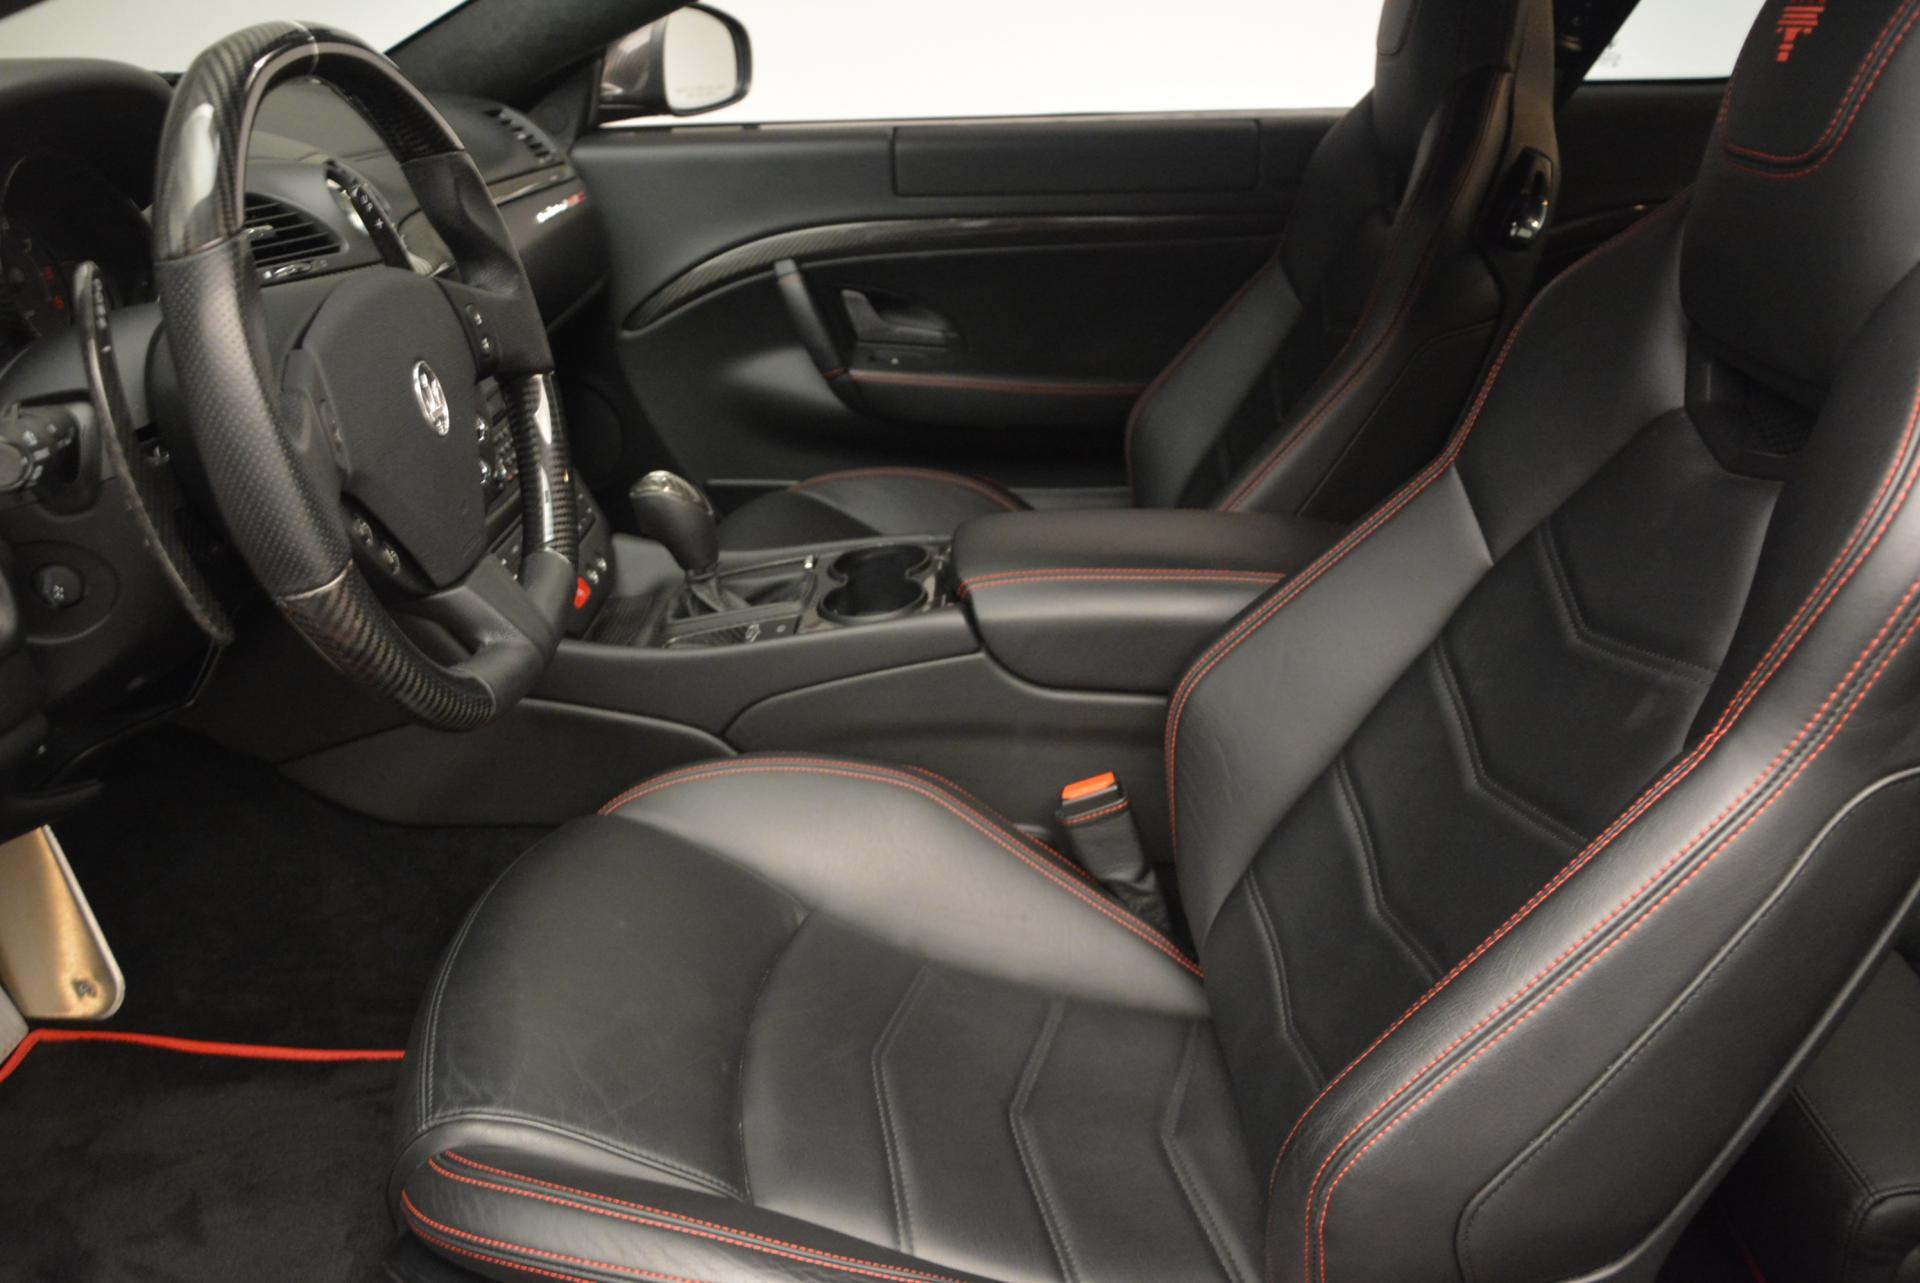 Used 2014 Maserati GranTurismo MC For Sale In Westport, CT 525_p17